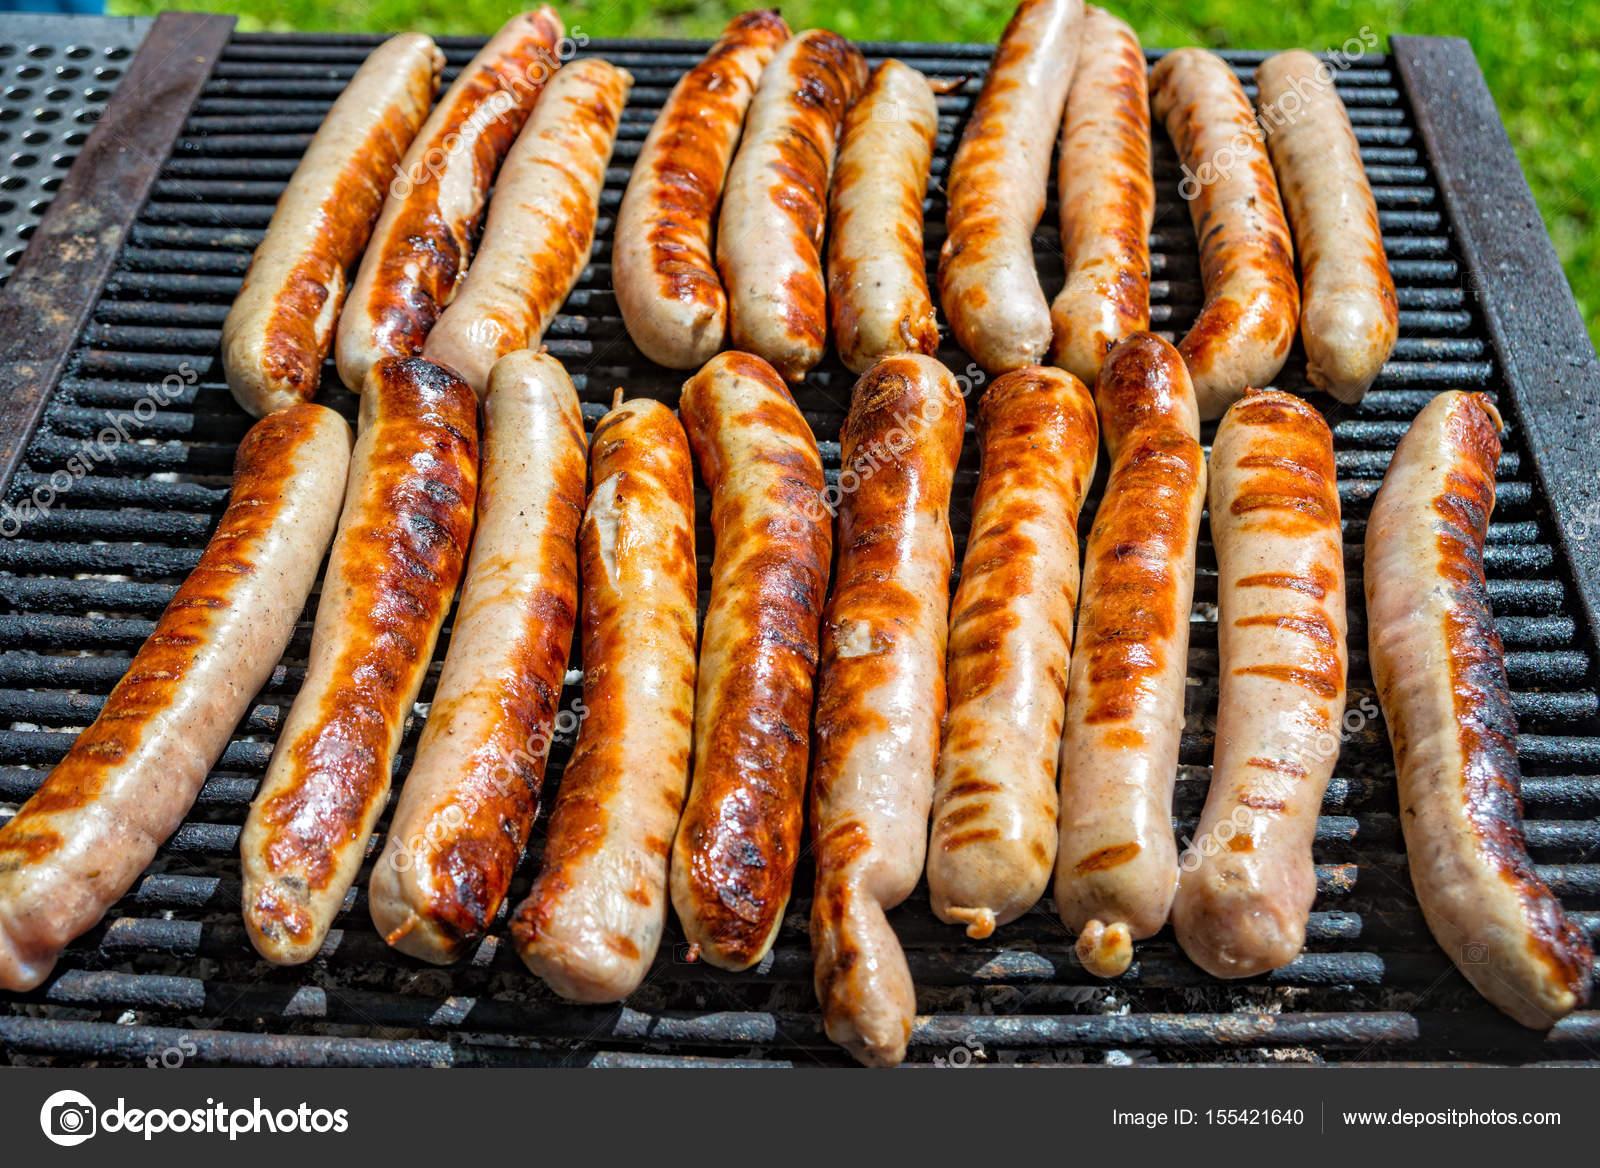 Guter Elektrogrill Für Würstchen : Thüringer würstchen braten auf dem grill gegrillt u stockfoto